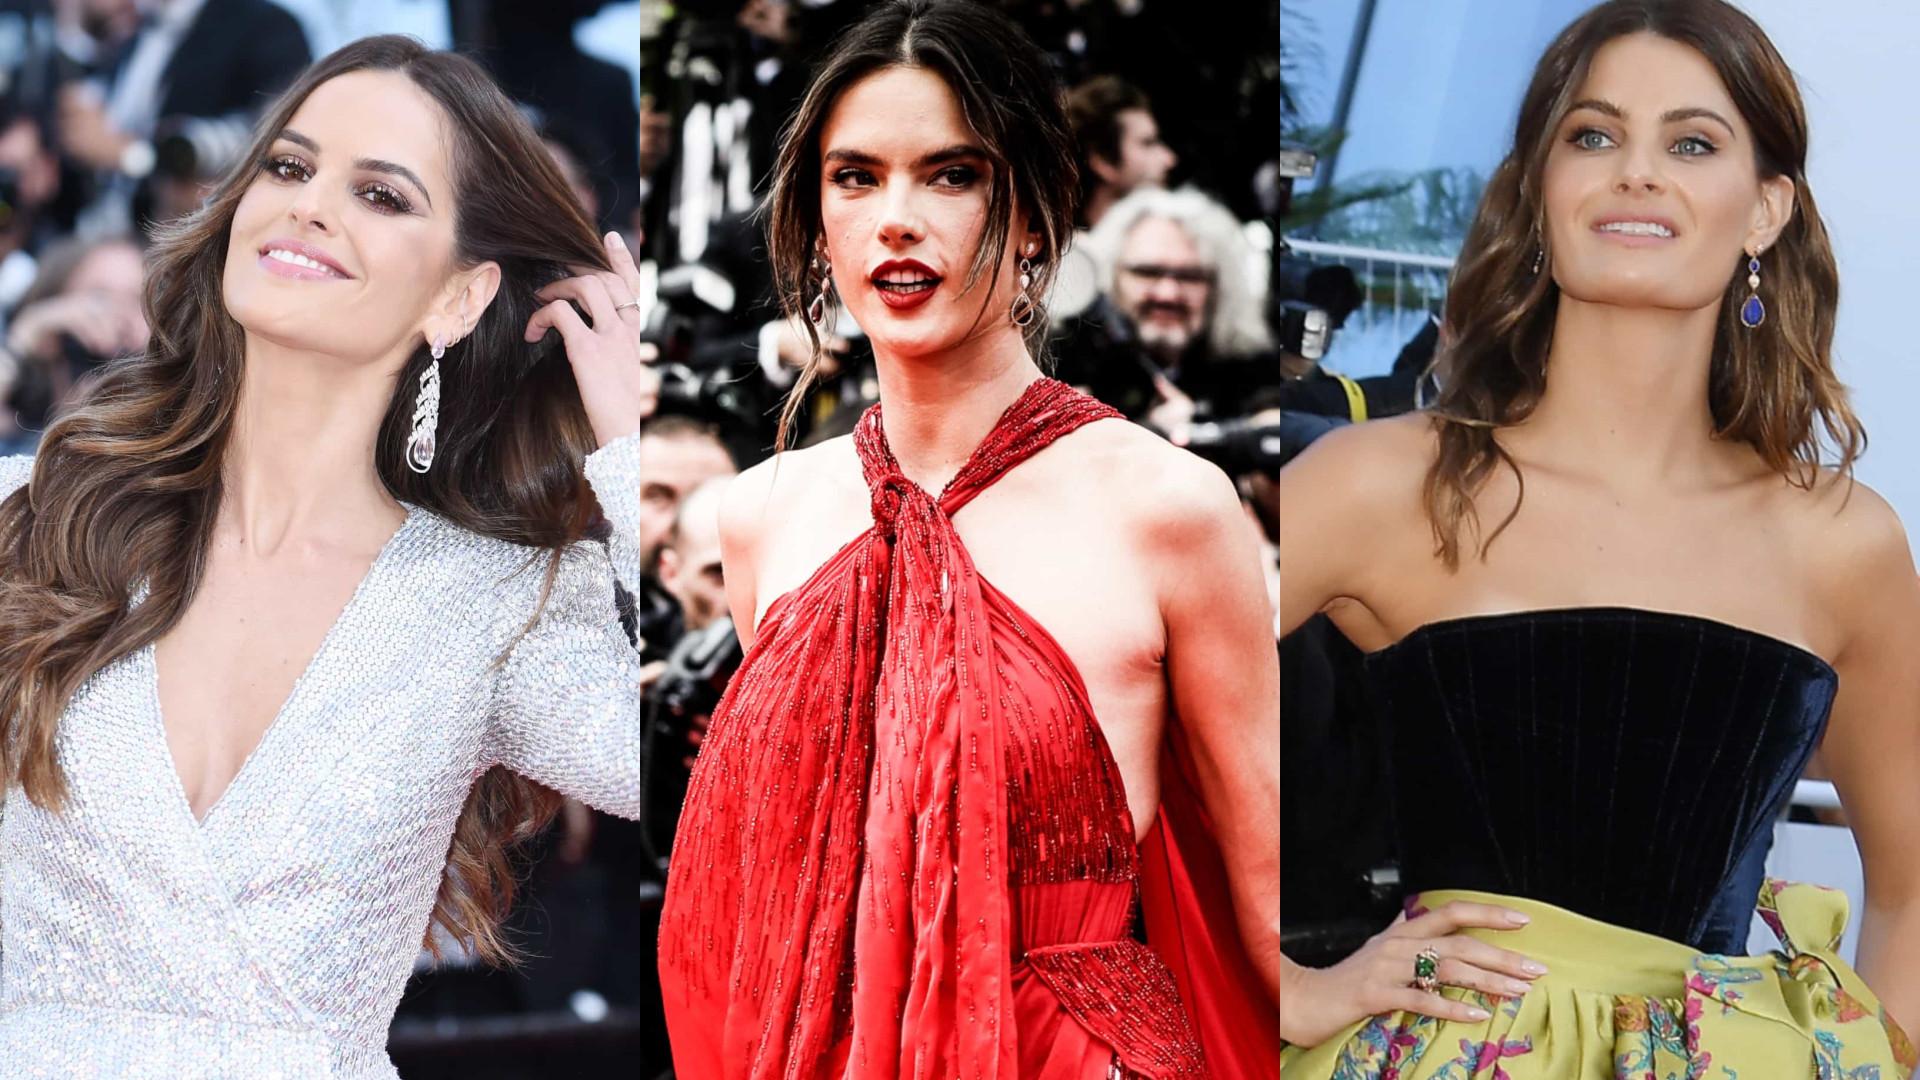 Brasileiras arrasam no tapete vermelho de Cannes!